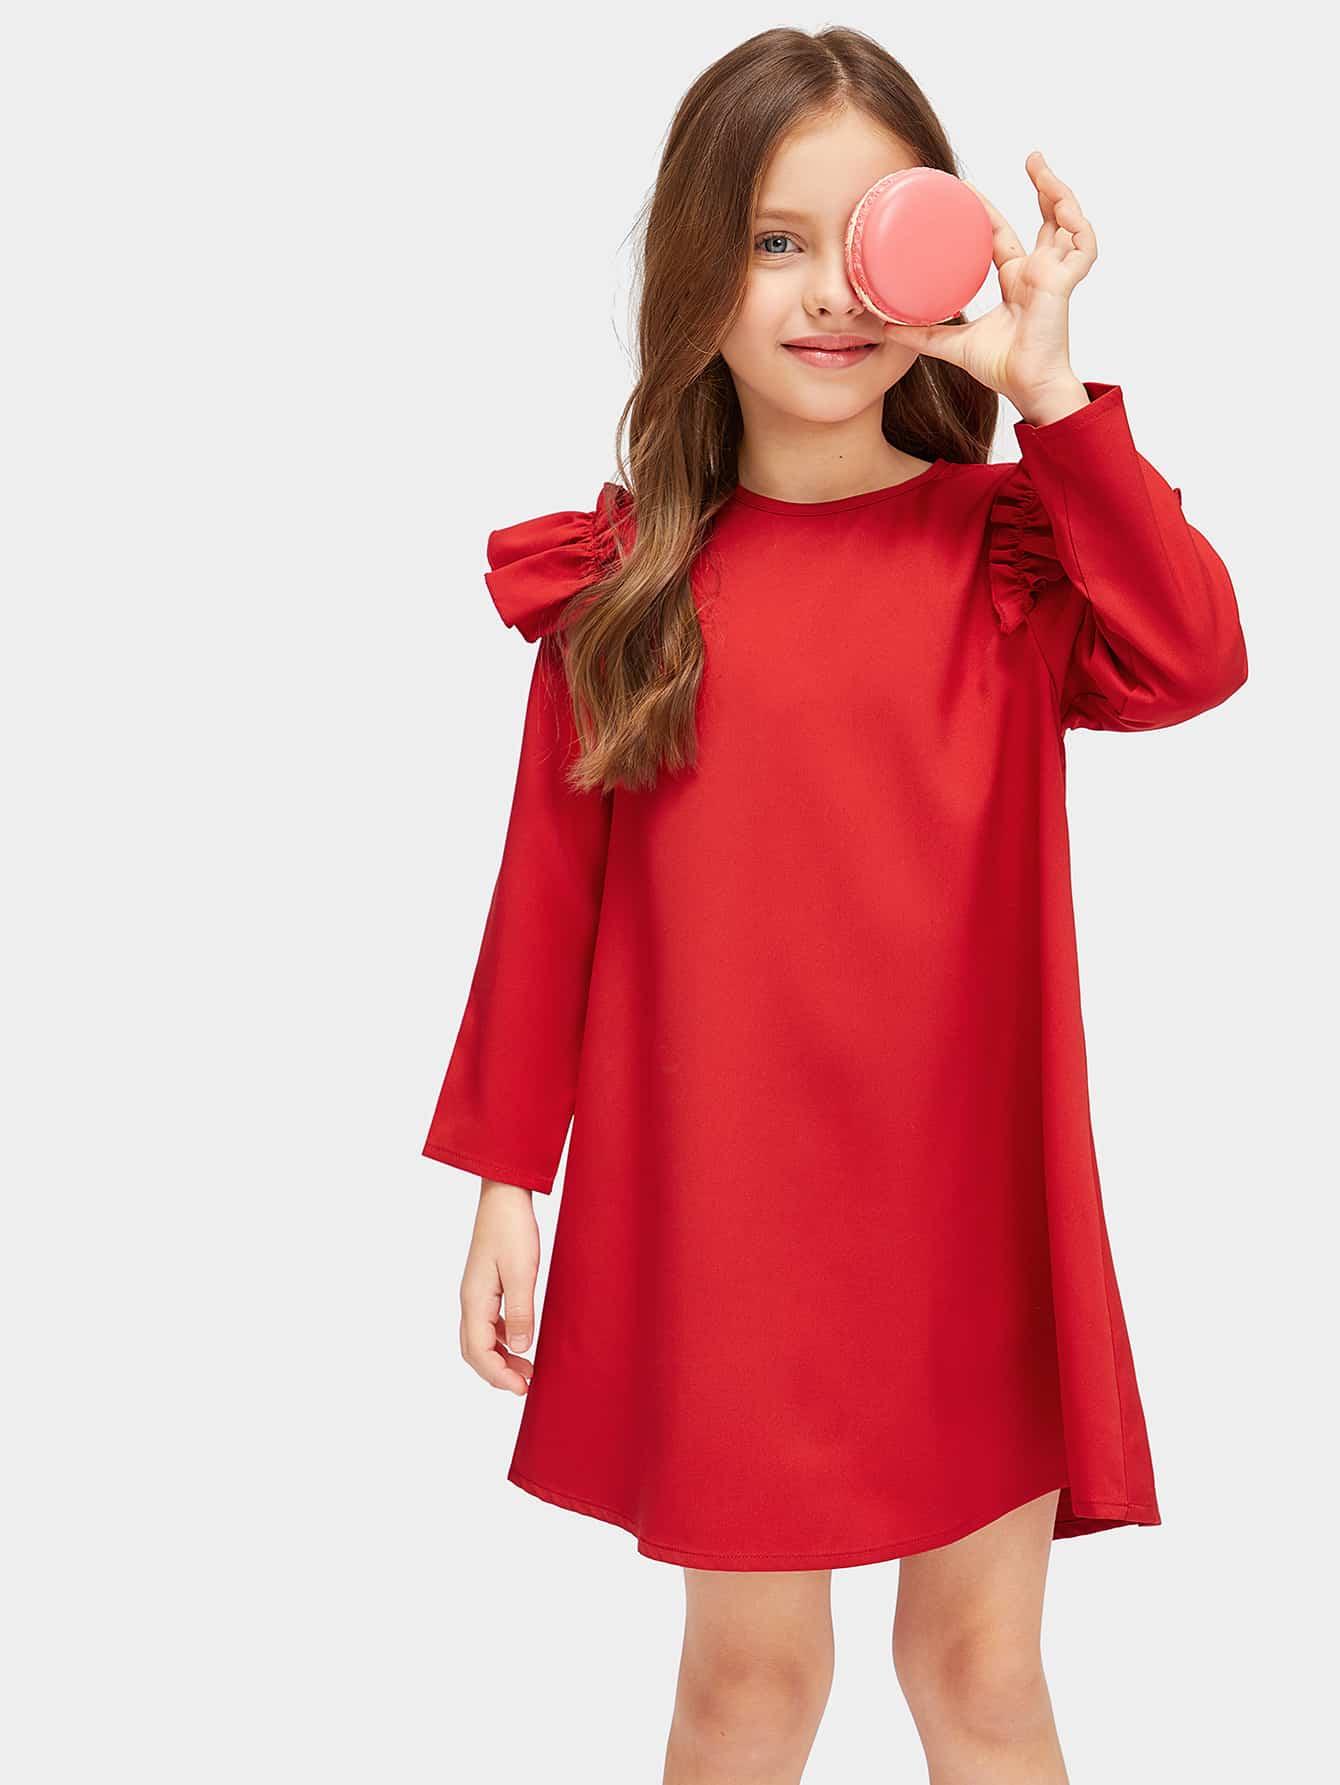 Купить Платье с оборкой на плече и вырезом сзади для девочек, Masha. P, SheIn